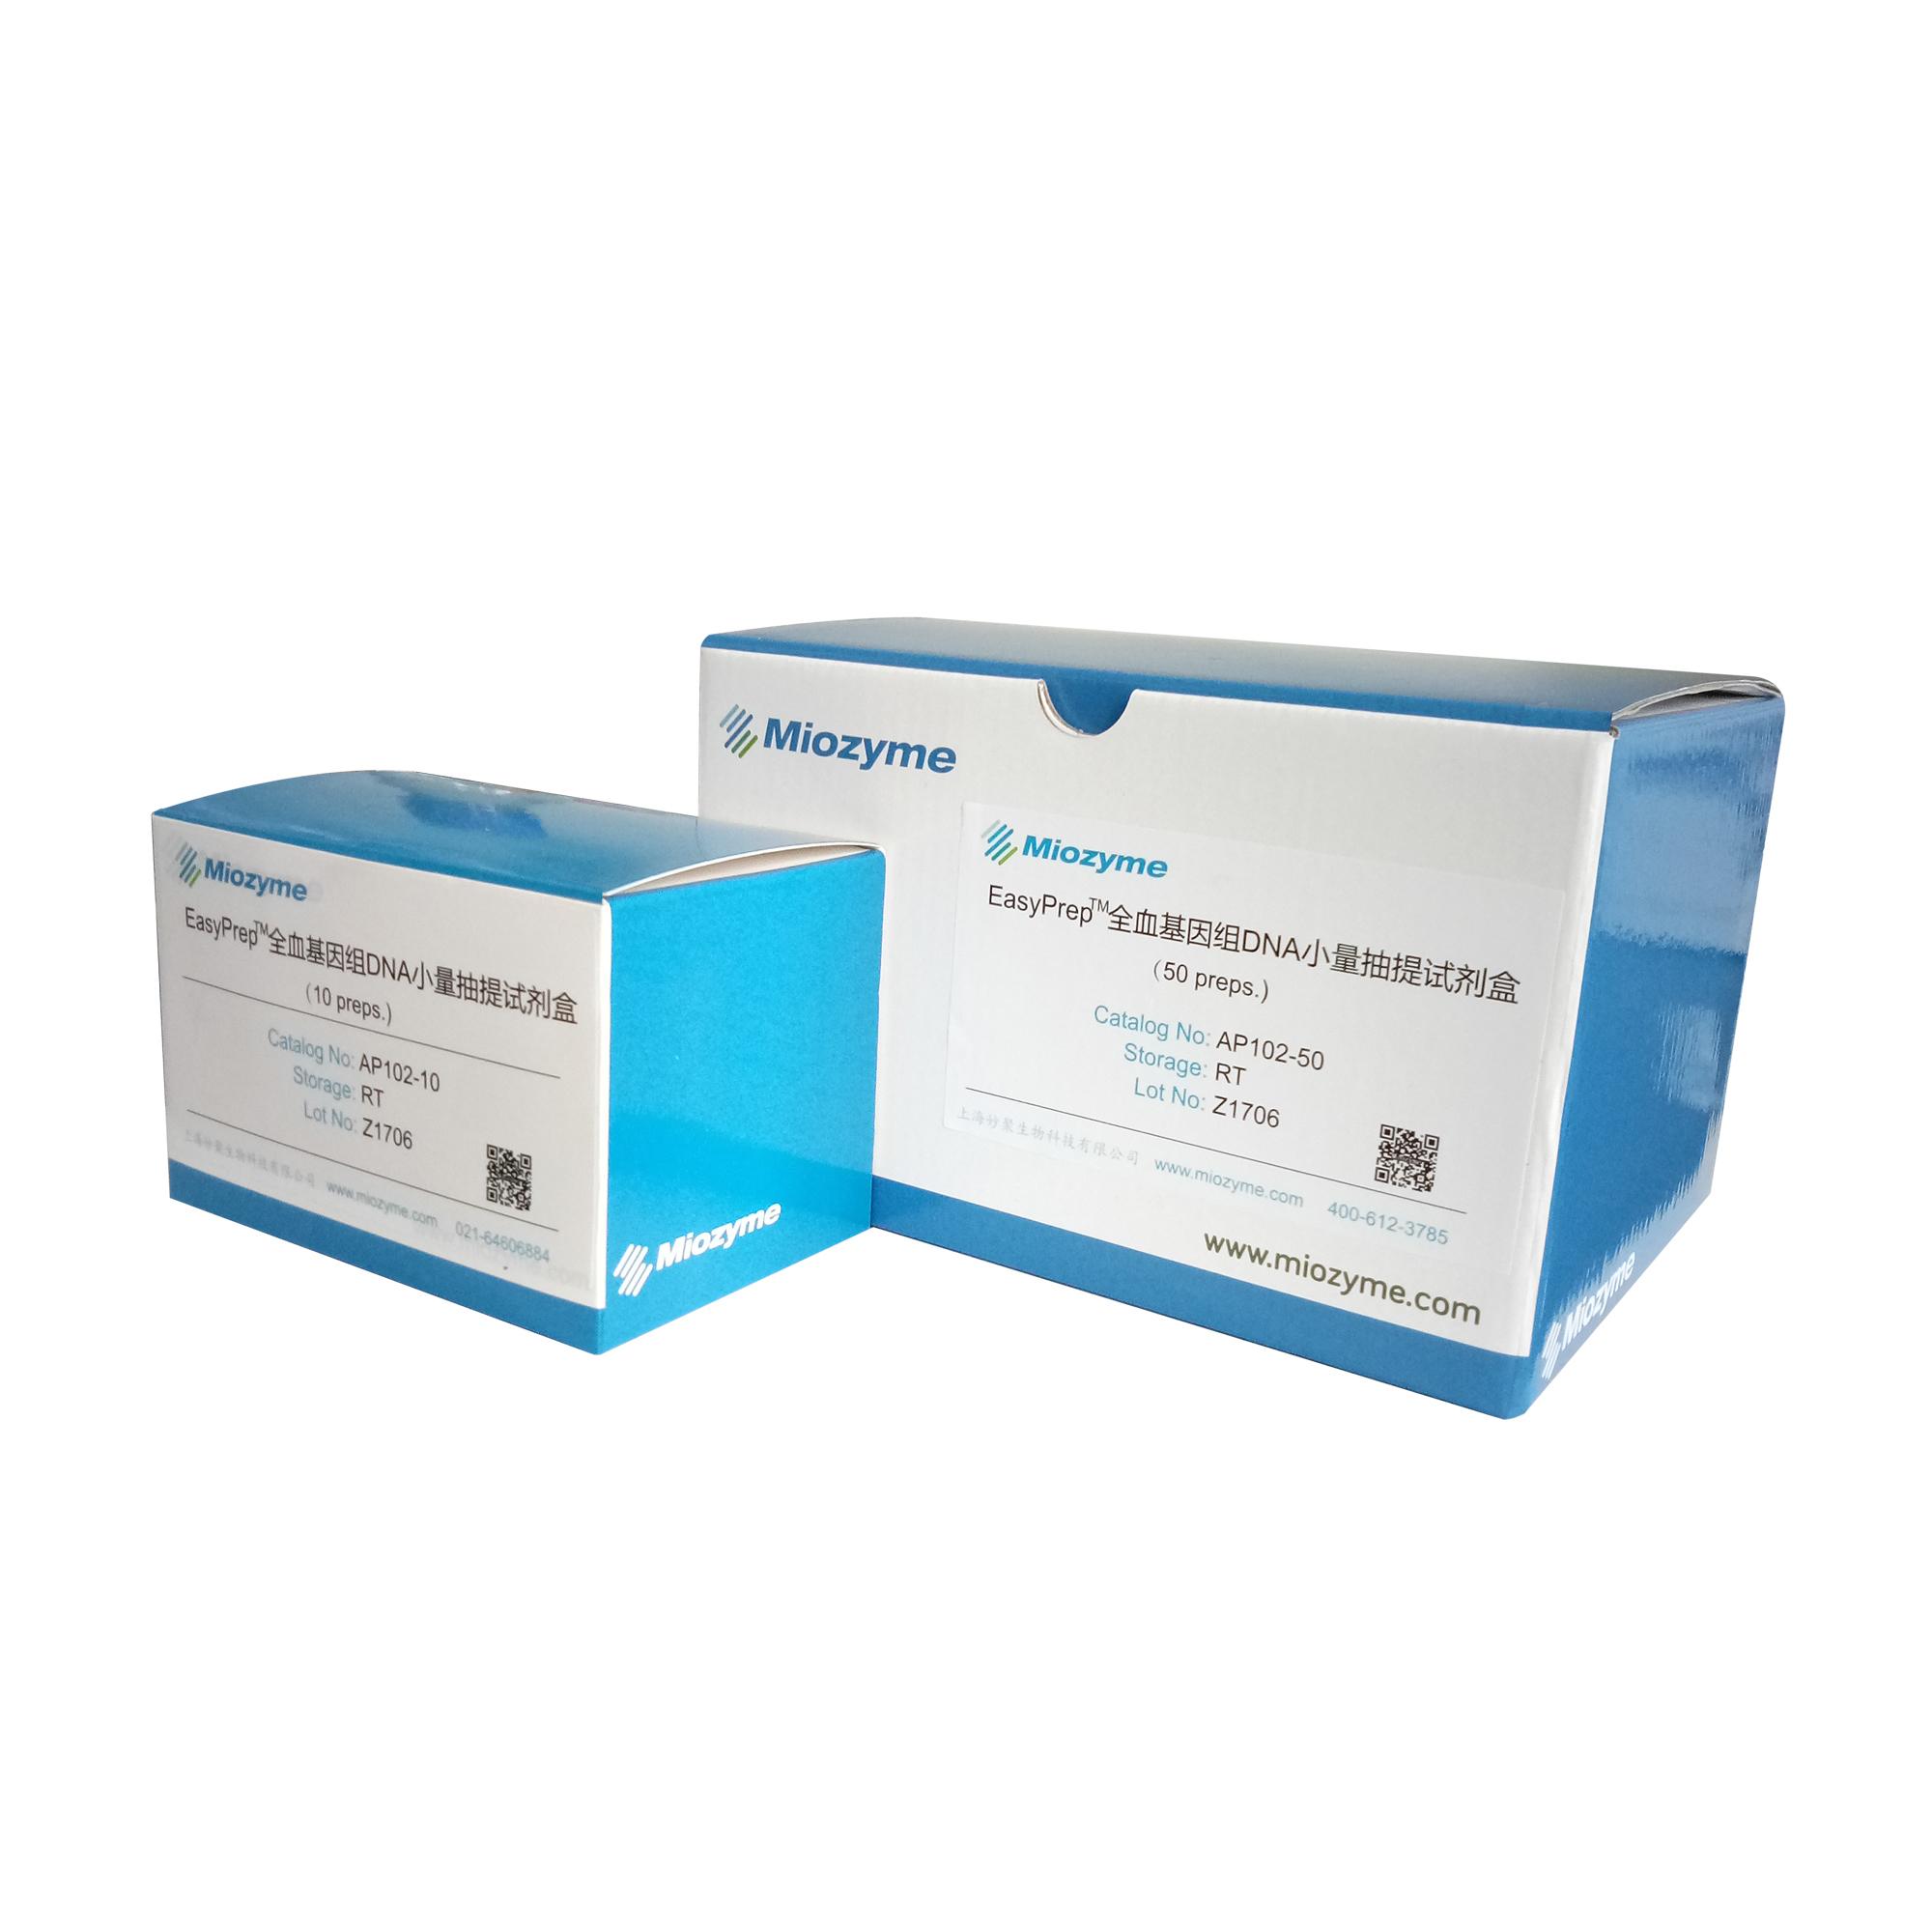 妙聚 EasyPrep 全血基因组DNA小量抽提试剂盒